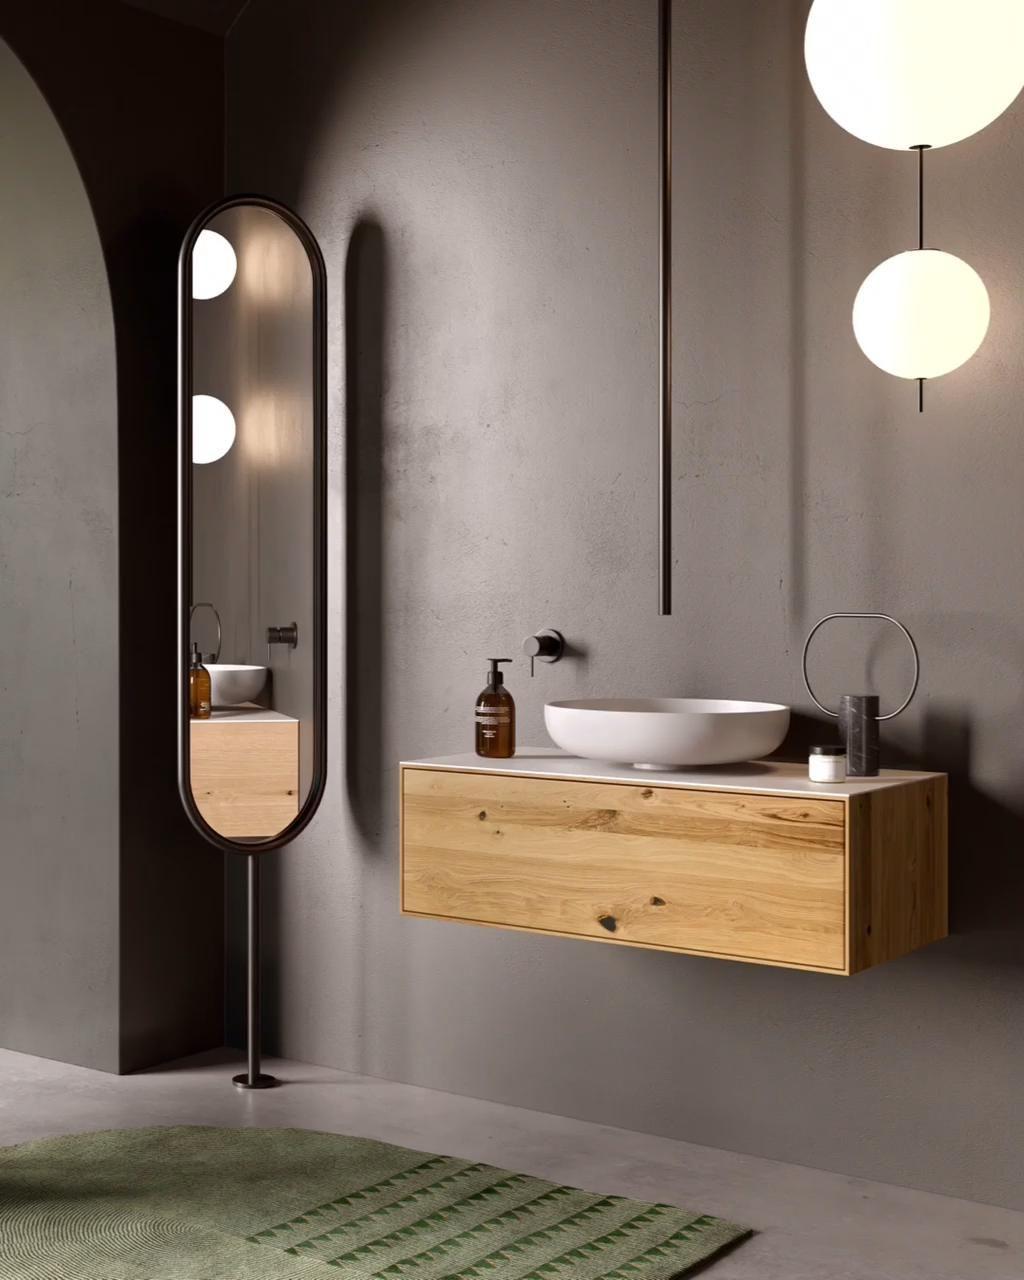 Dein Bad - Dein Waschtisch - Möbel nach Maß in hochwertiger Qualität